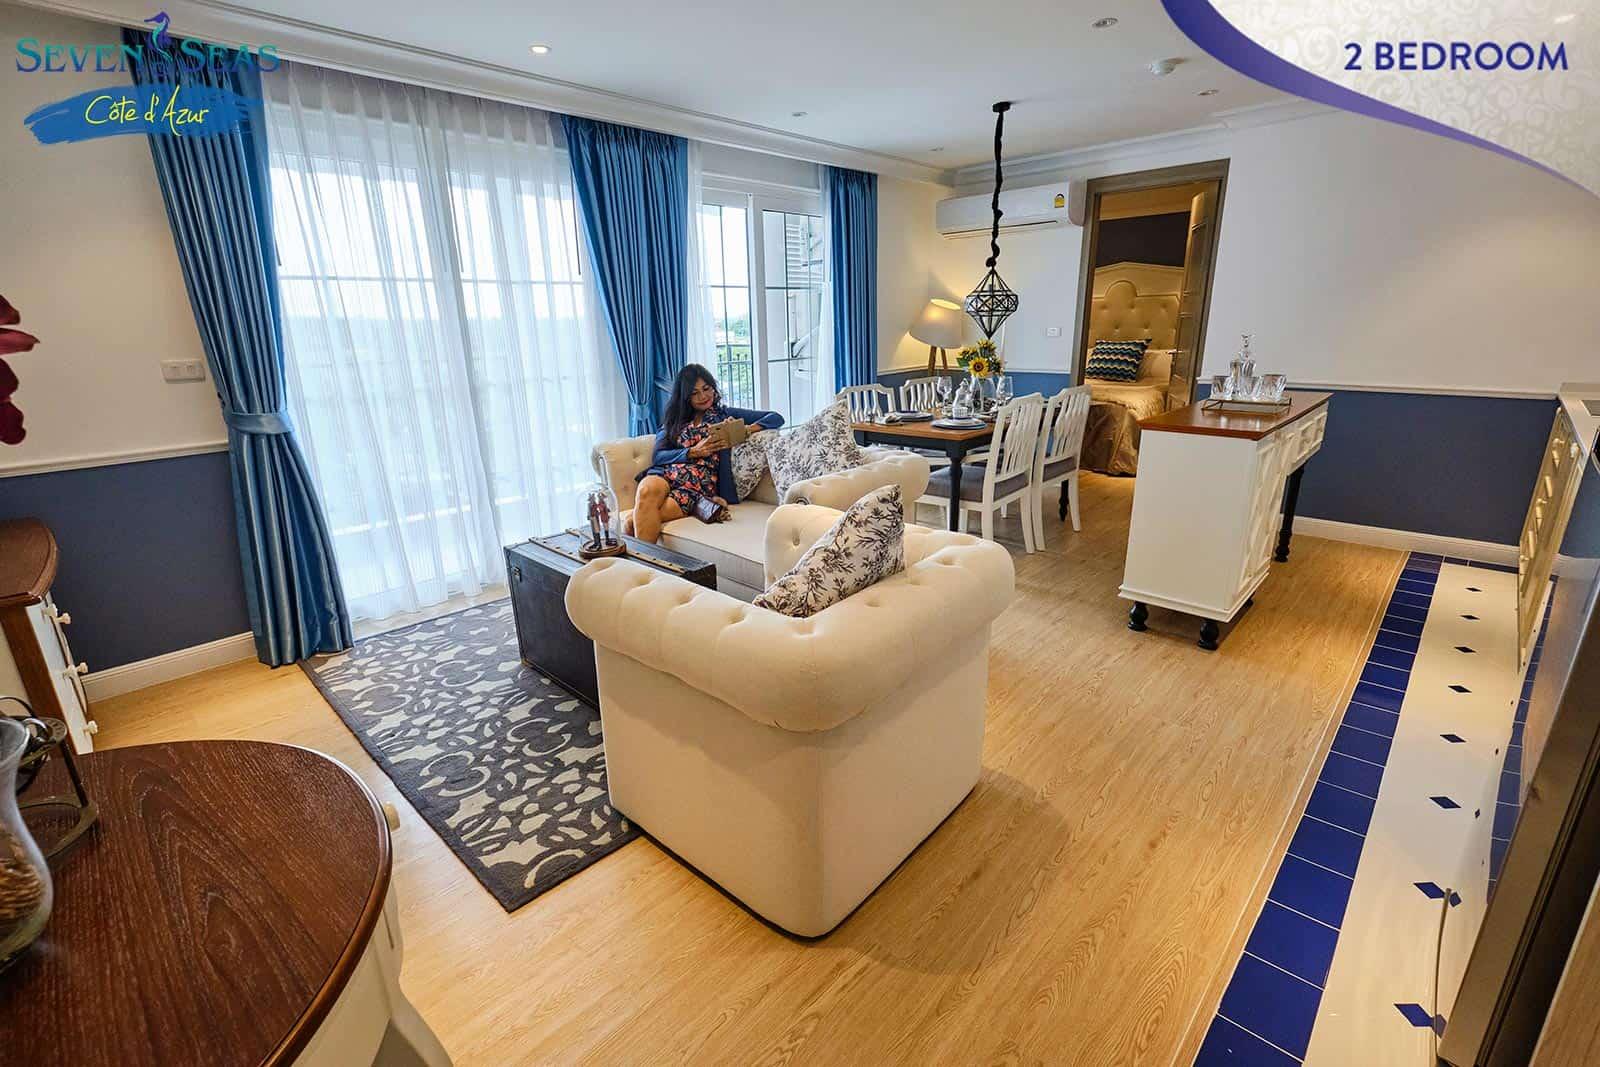 ss2-2-bedroom-condo (13)